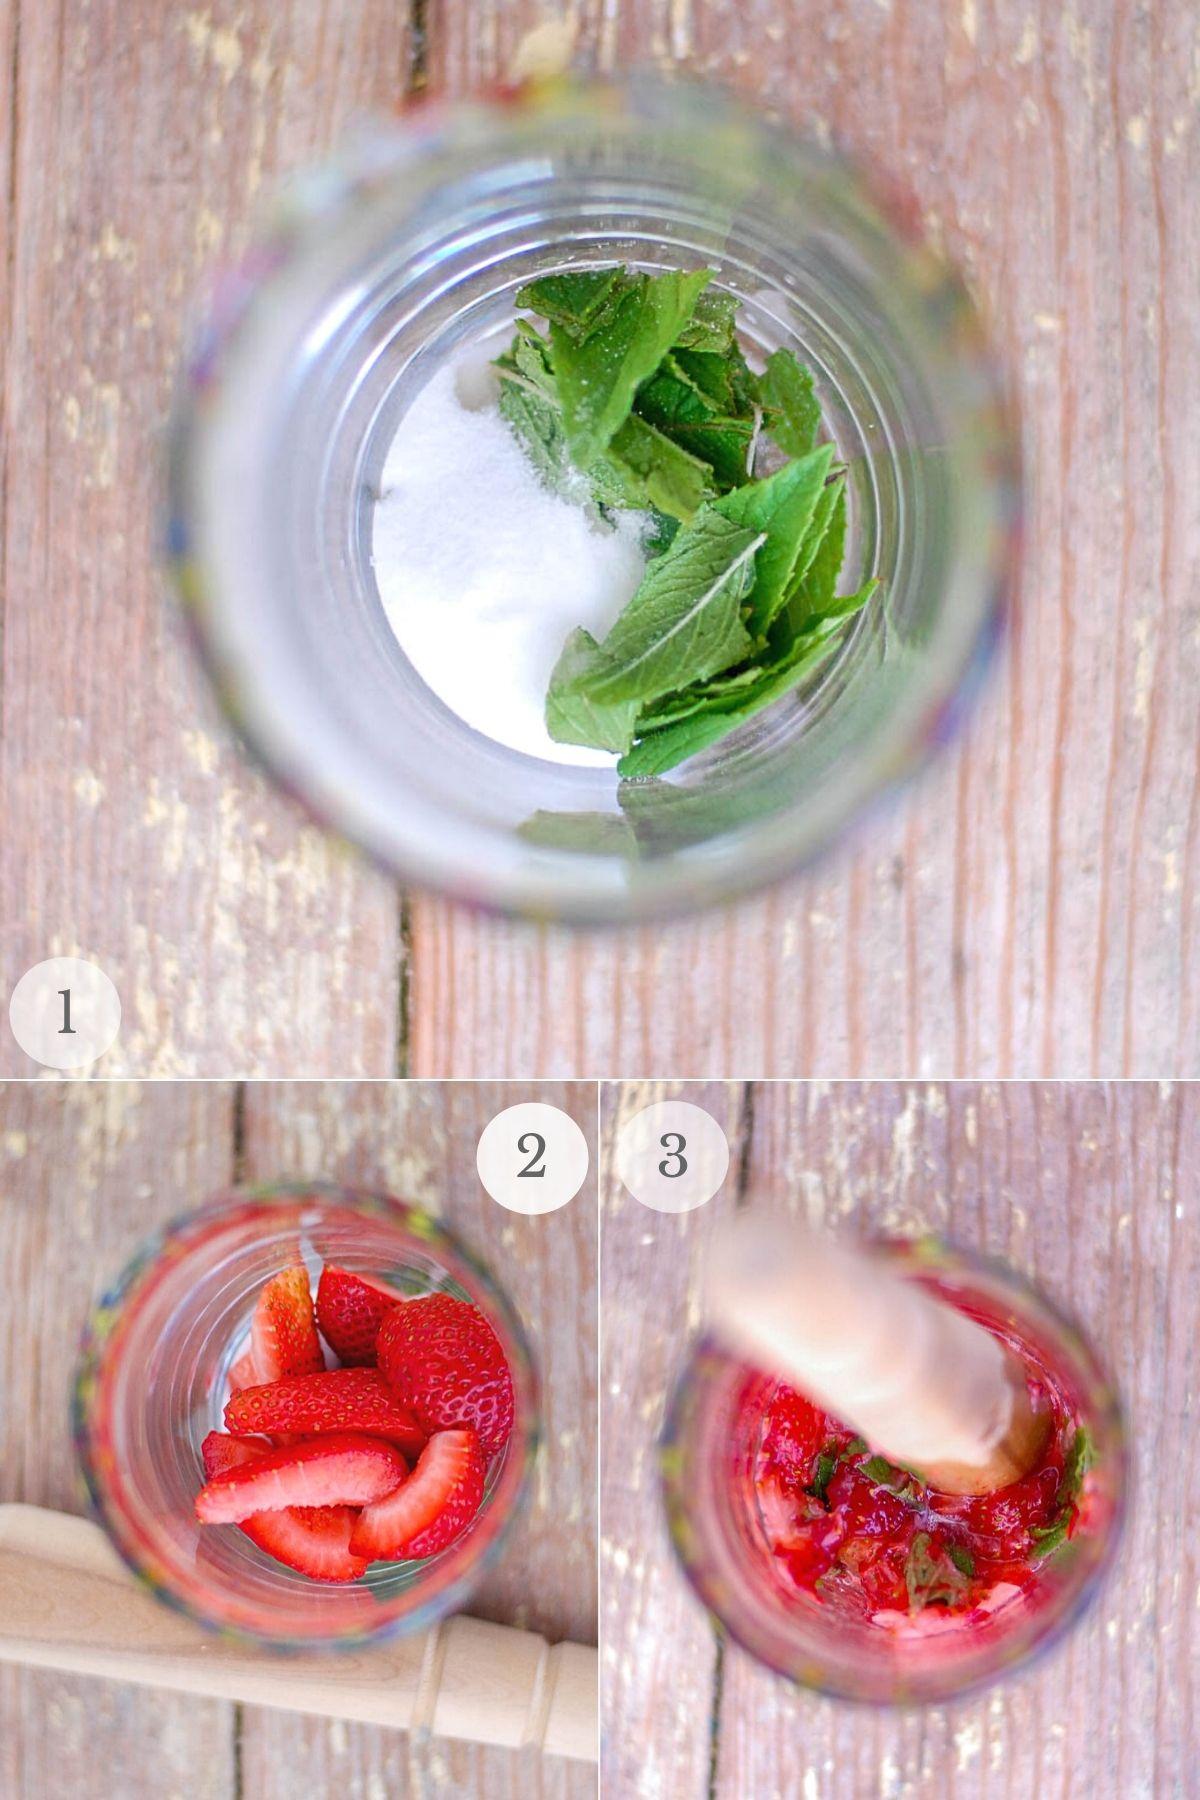 strawberry mojitos recipe steps 1-3